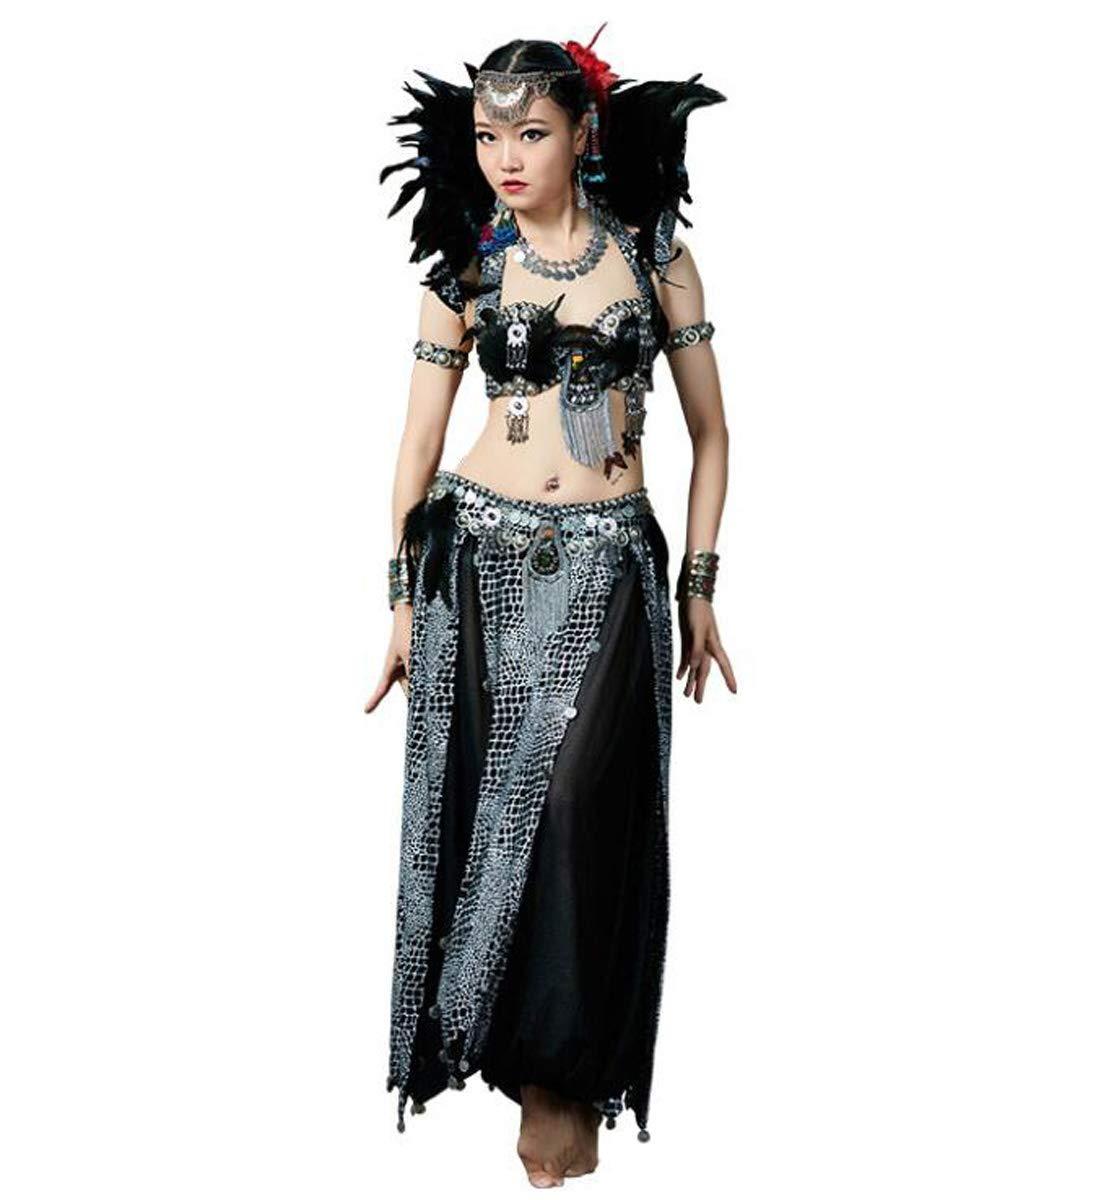 女性のベリーダンススカート部族衣装ポリエステルスカートボリウッドドレスハロウィンダンス衣装ハンドメイド Haveacollar Medium